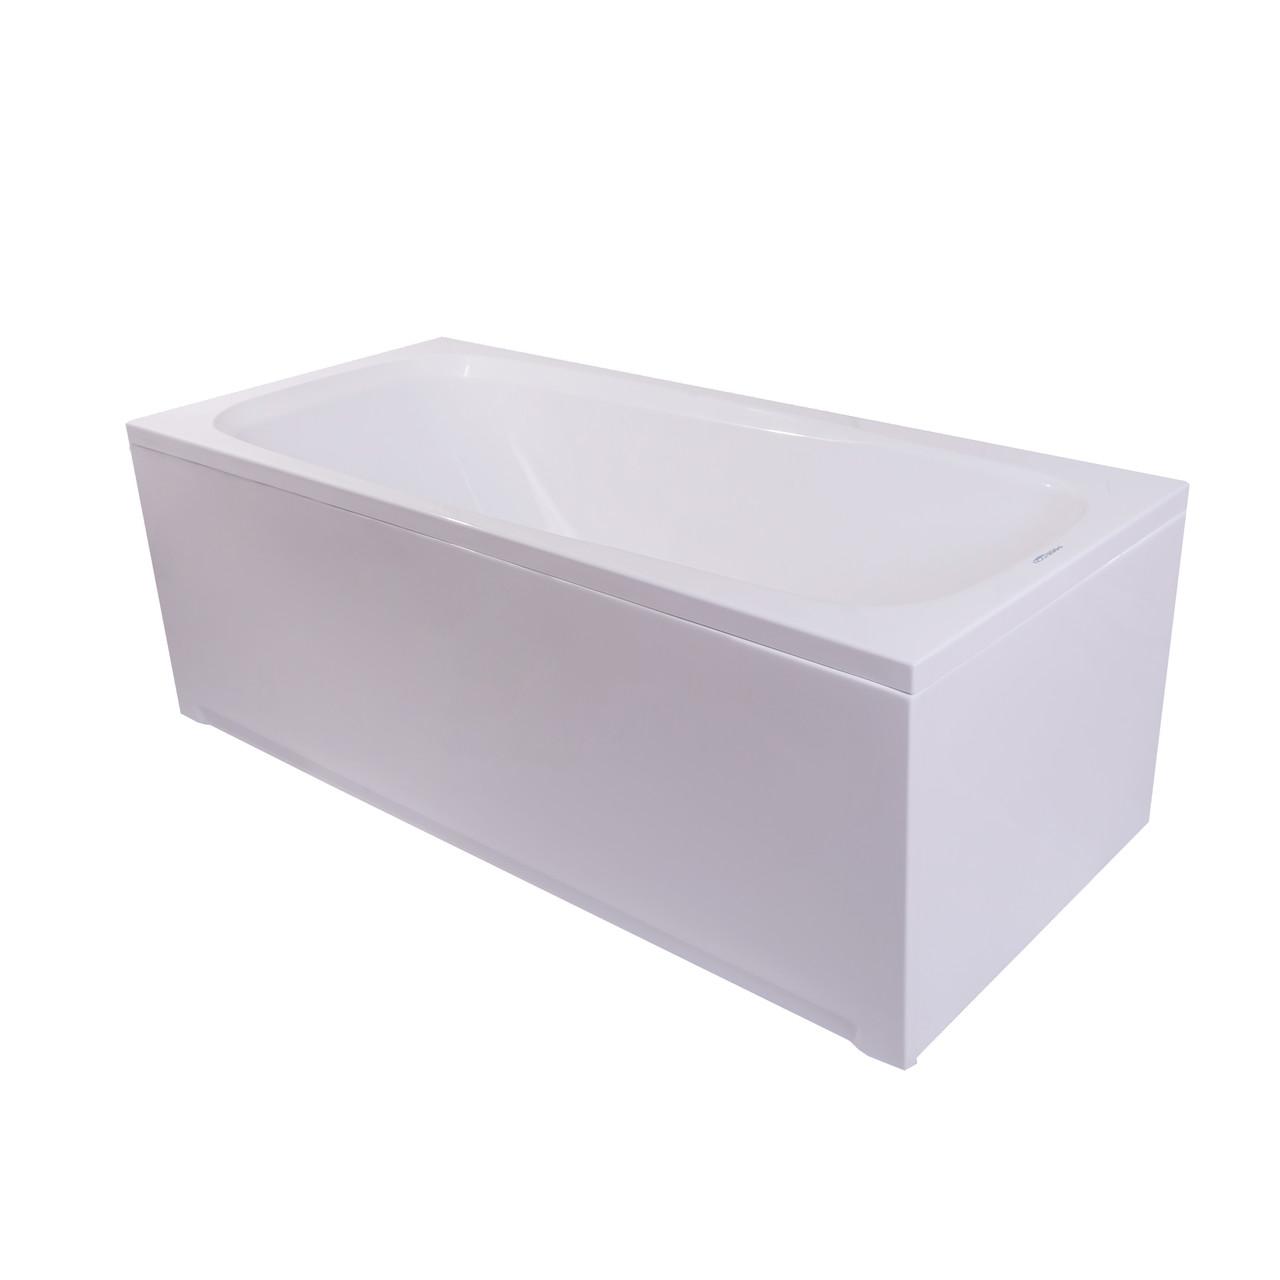 Акриловая ванна Lia 170*75 см, фото 1